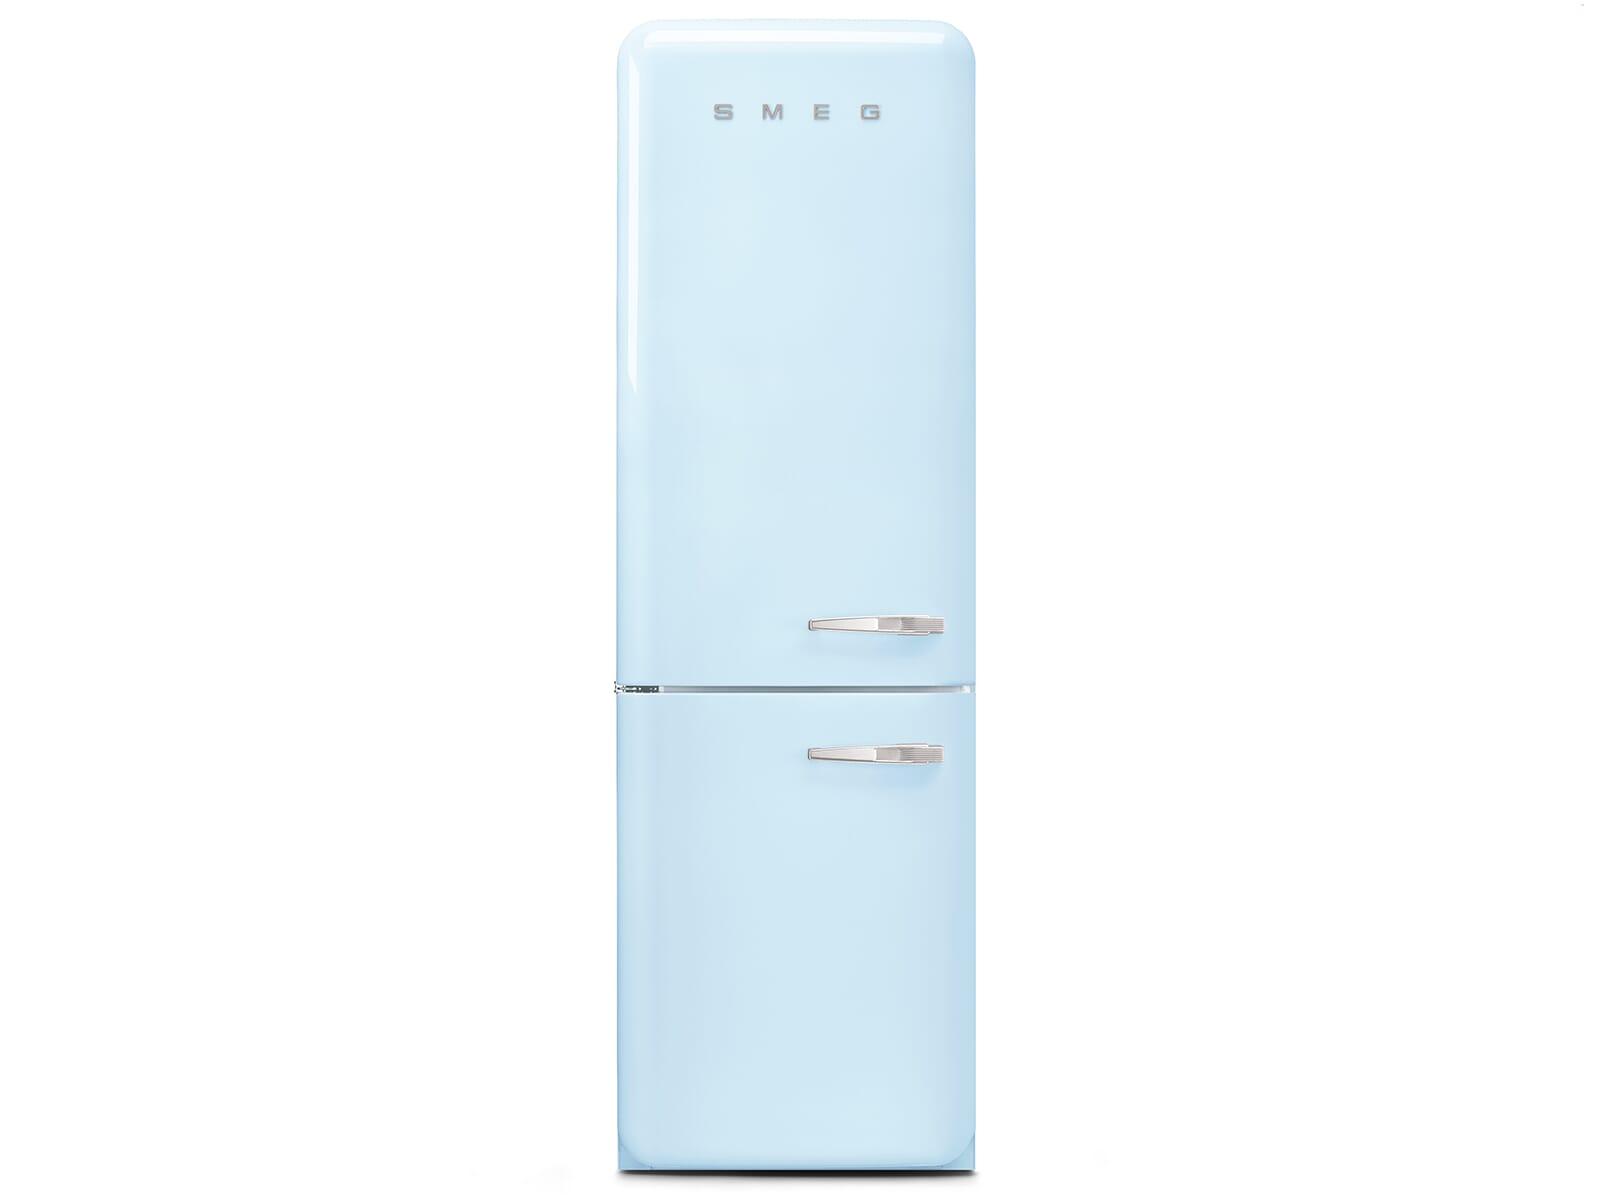 Smeg Kühlschrank Gefrierkombination : Smeg fab32lpb3 kühl gefrierkombination pastellblau